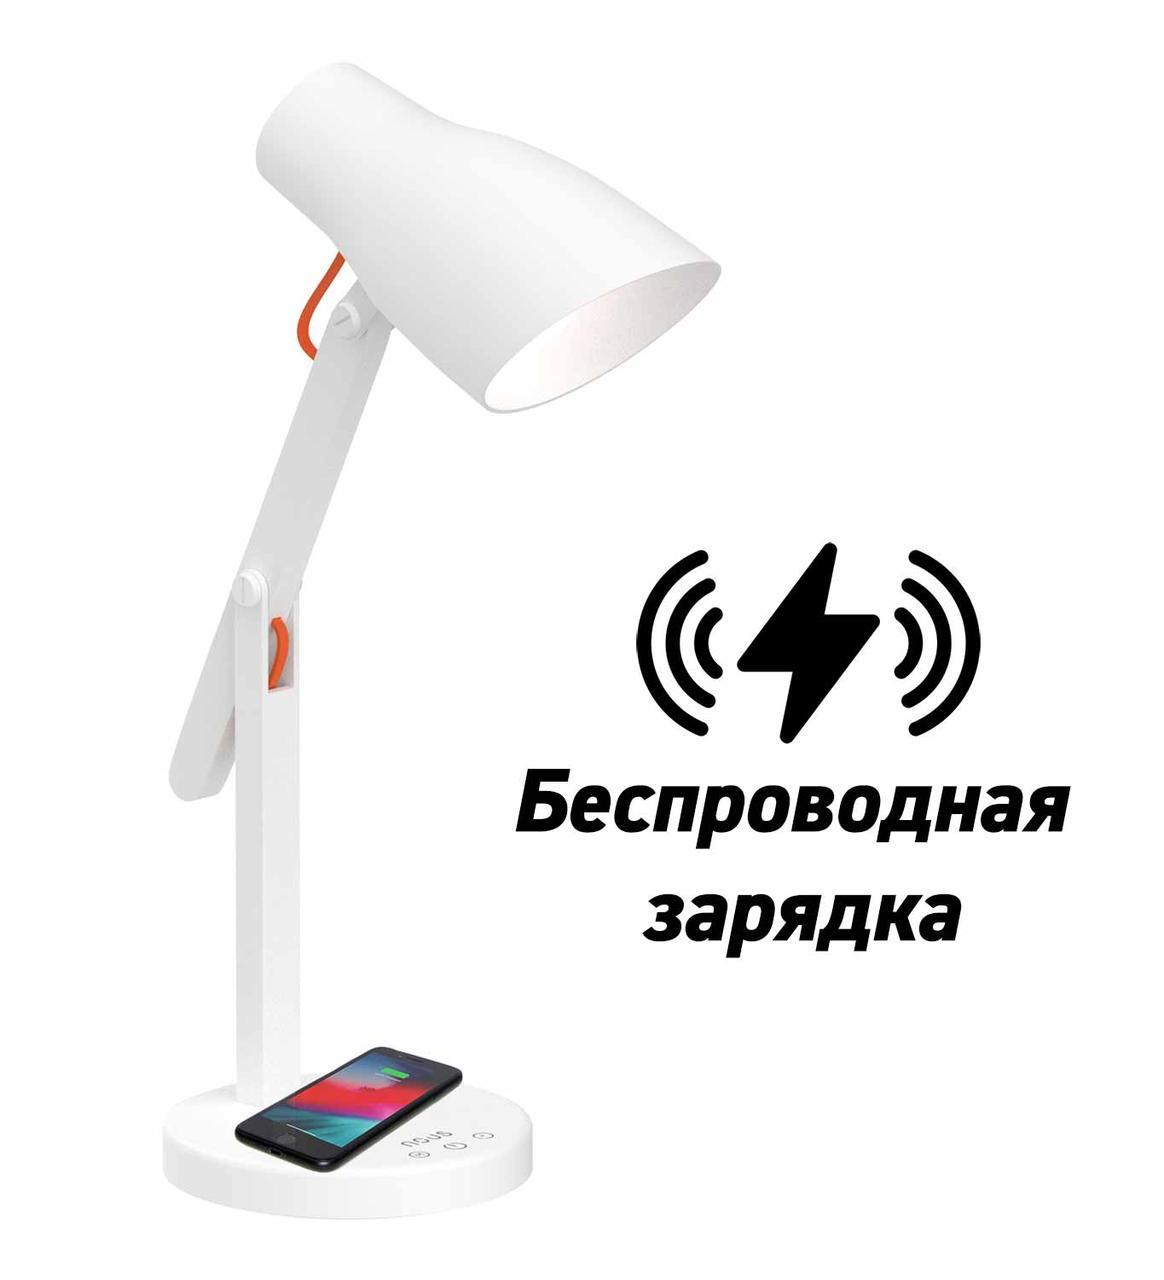 LED лампа настільна NOUS S5 9W 2700-6500K з бездротовою зарядкою + таймер вимкнення